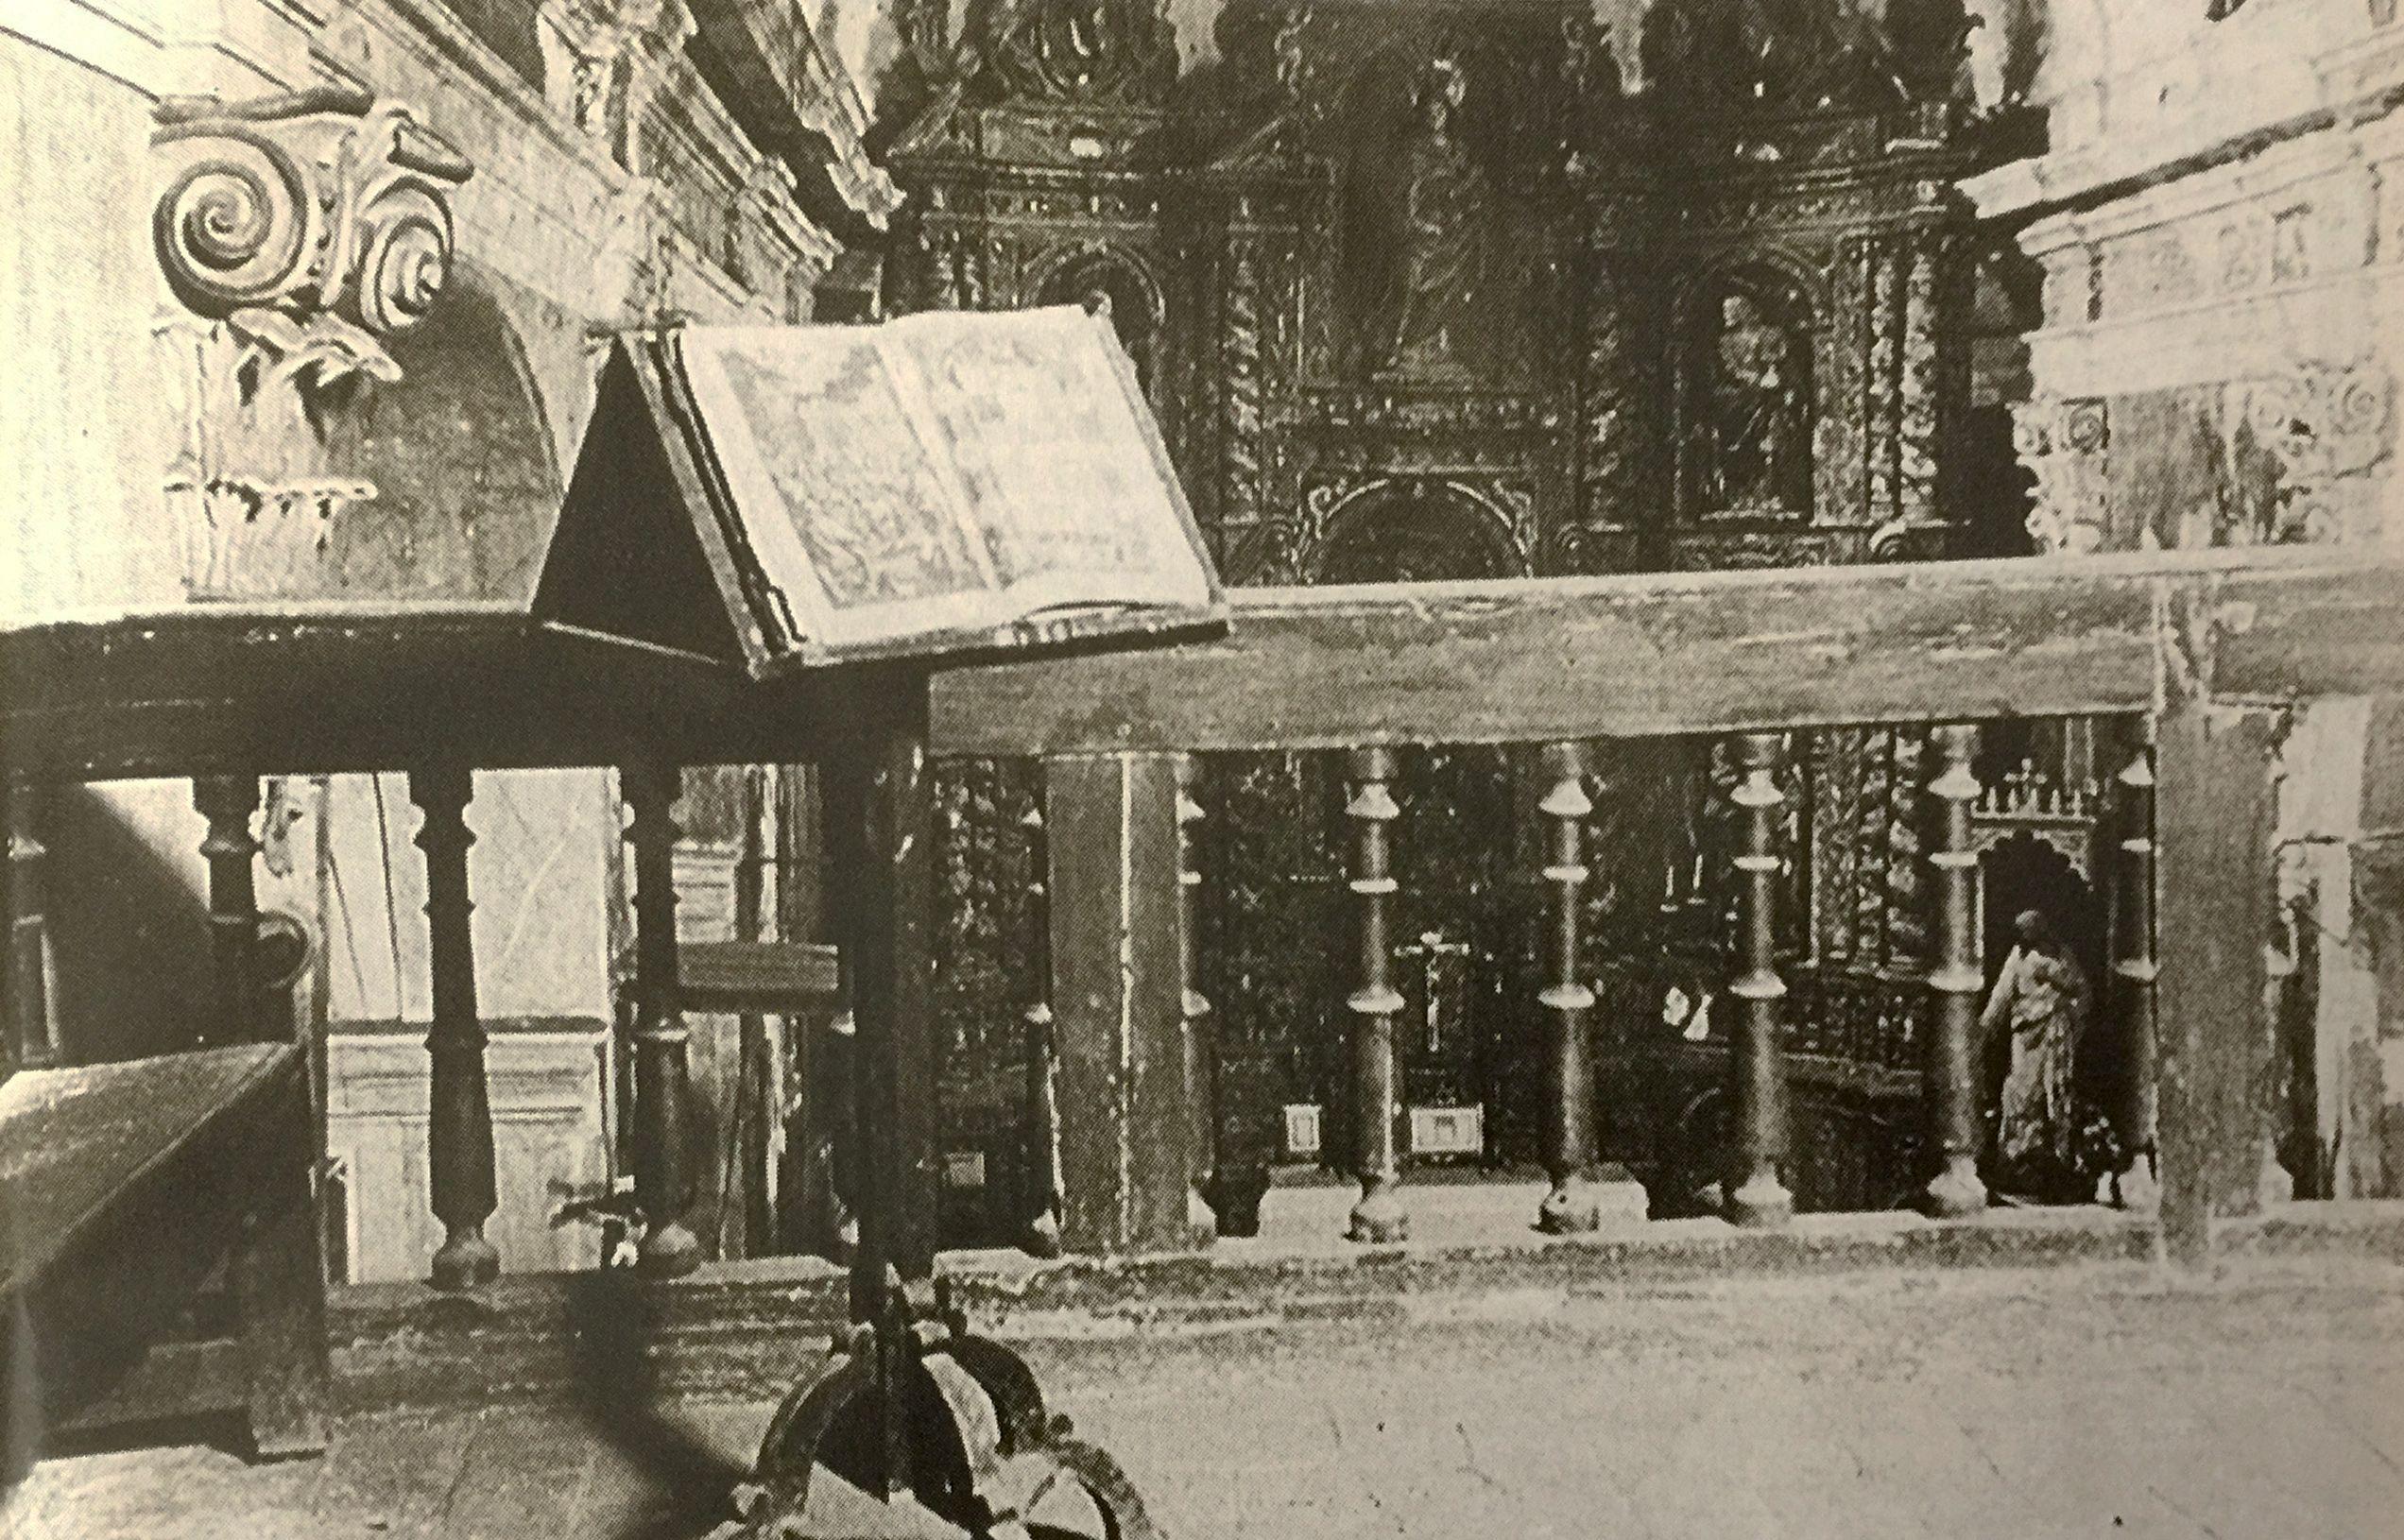 Cor i Retaule de l'Esglesia Vella de Cerdanyola, als anys 20 - (TOT Cerdanyola, 336) - Cedida per la Família Cabot